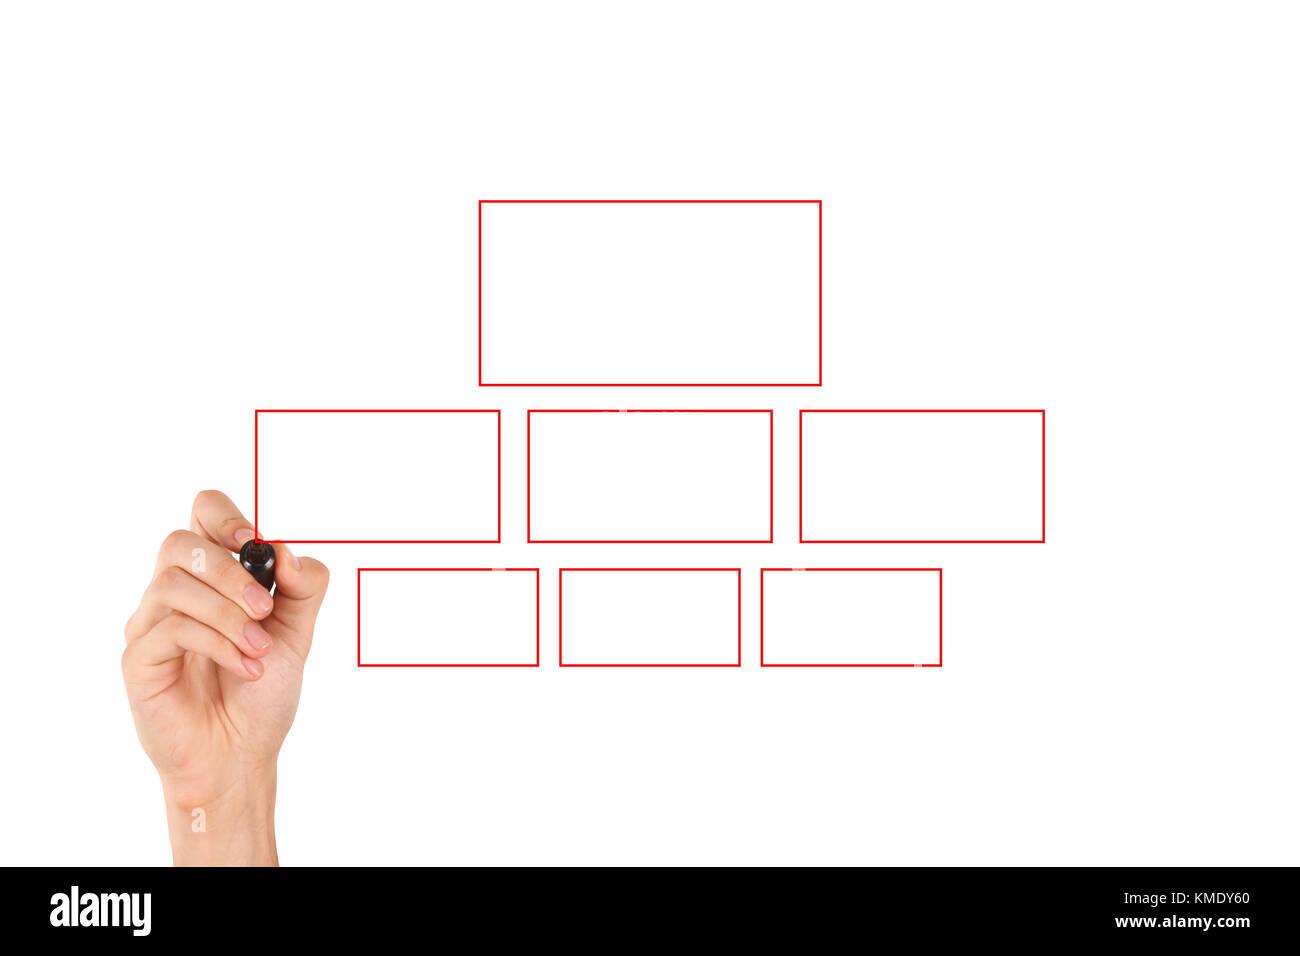 Rectangular Frames Stock Photos & Rectangular Frames Stock Images ...